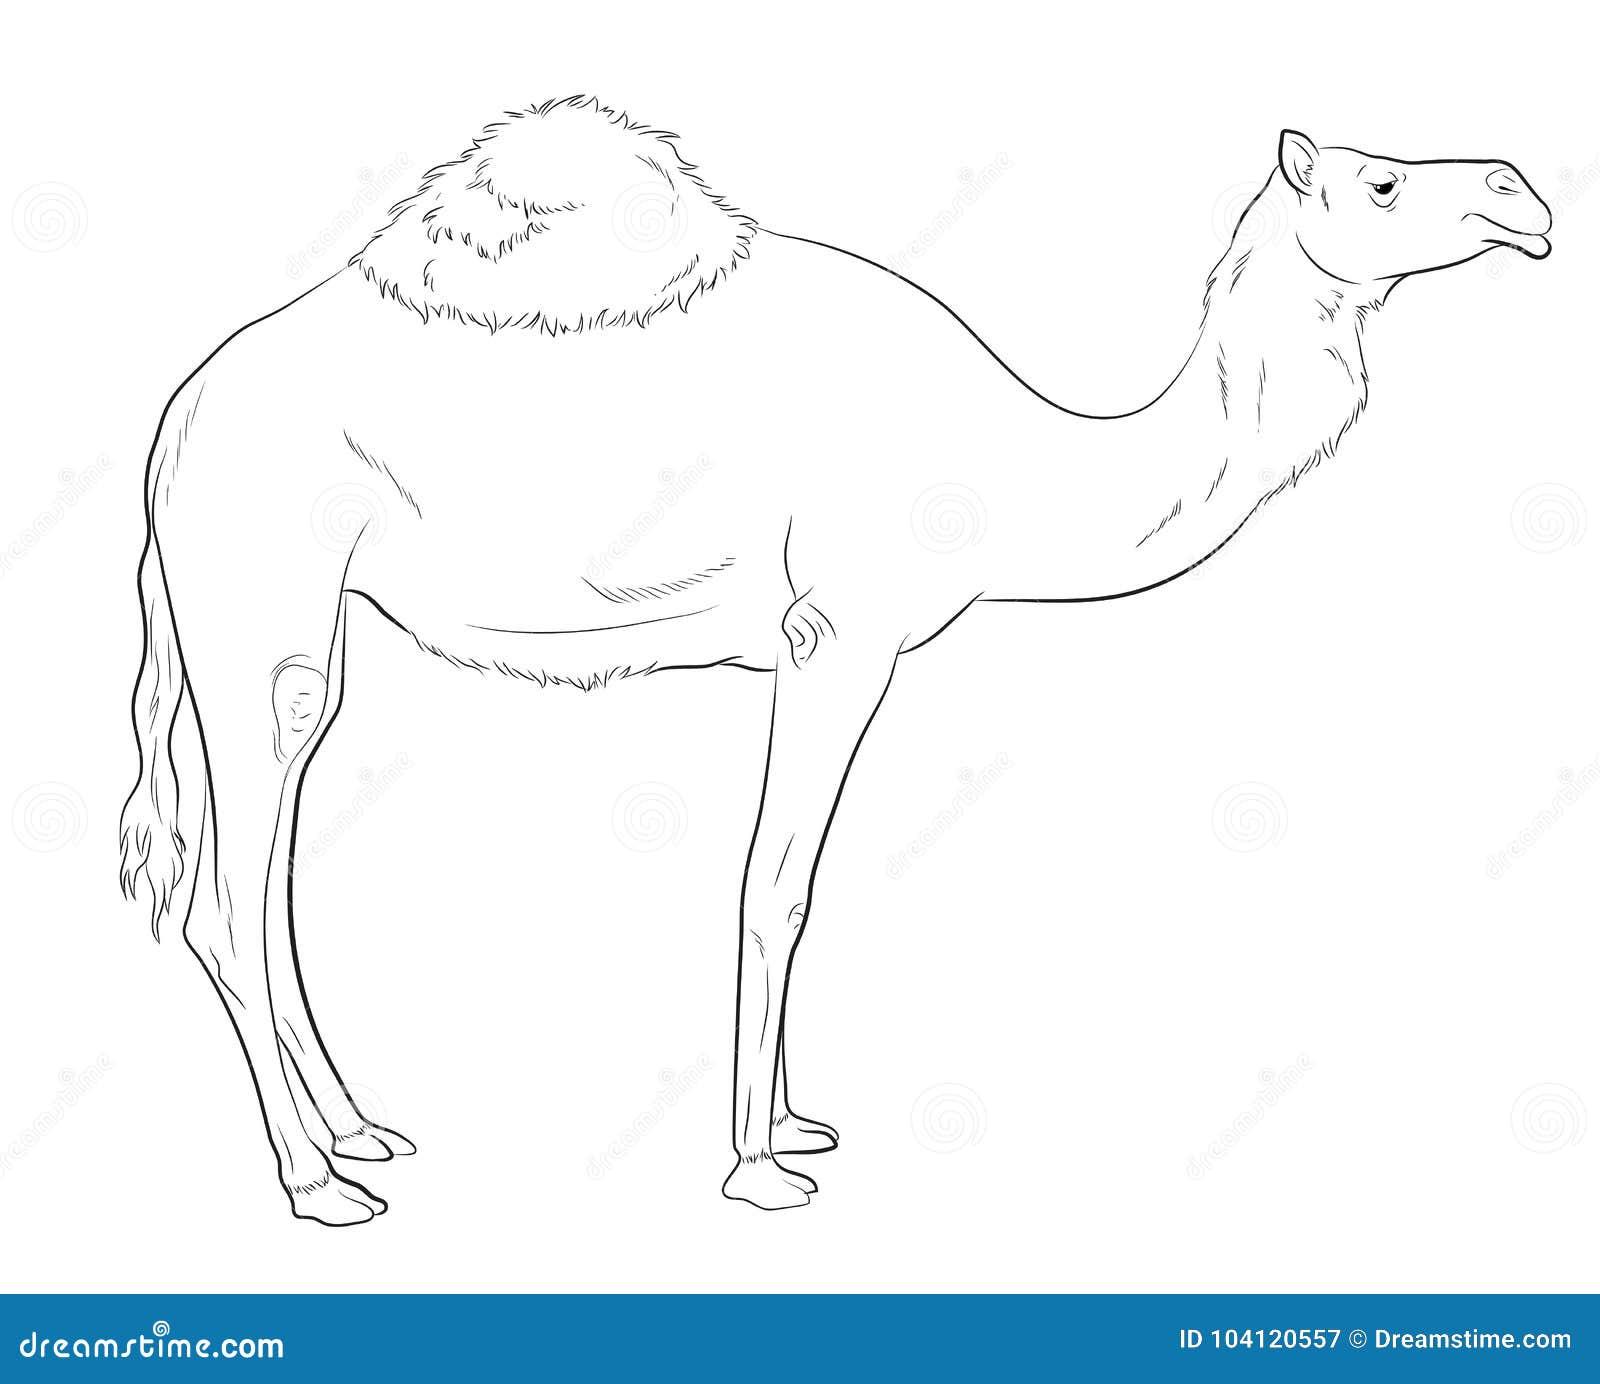 Camel Drawing Vector Illustration Stock Illustration